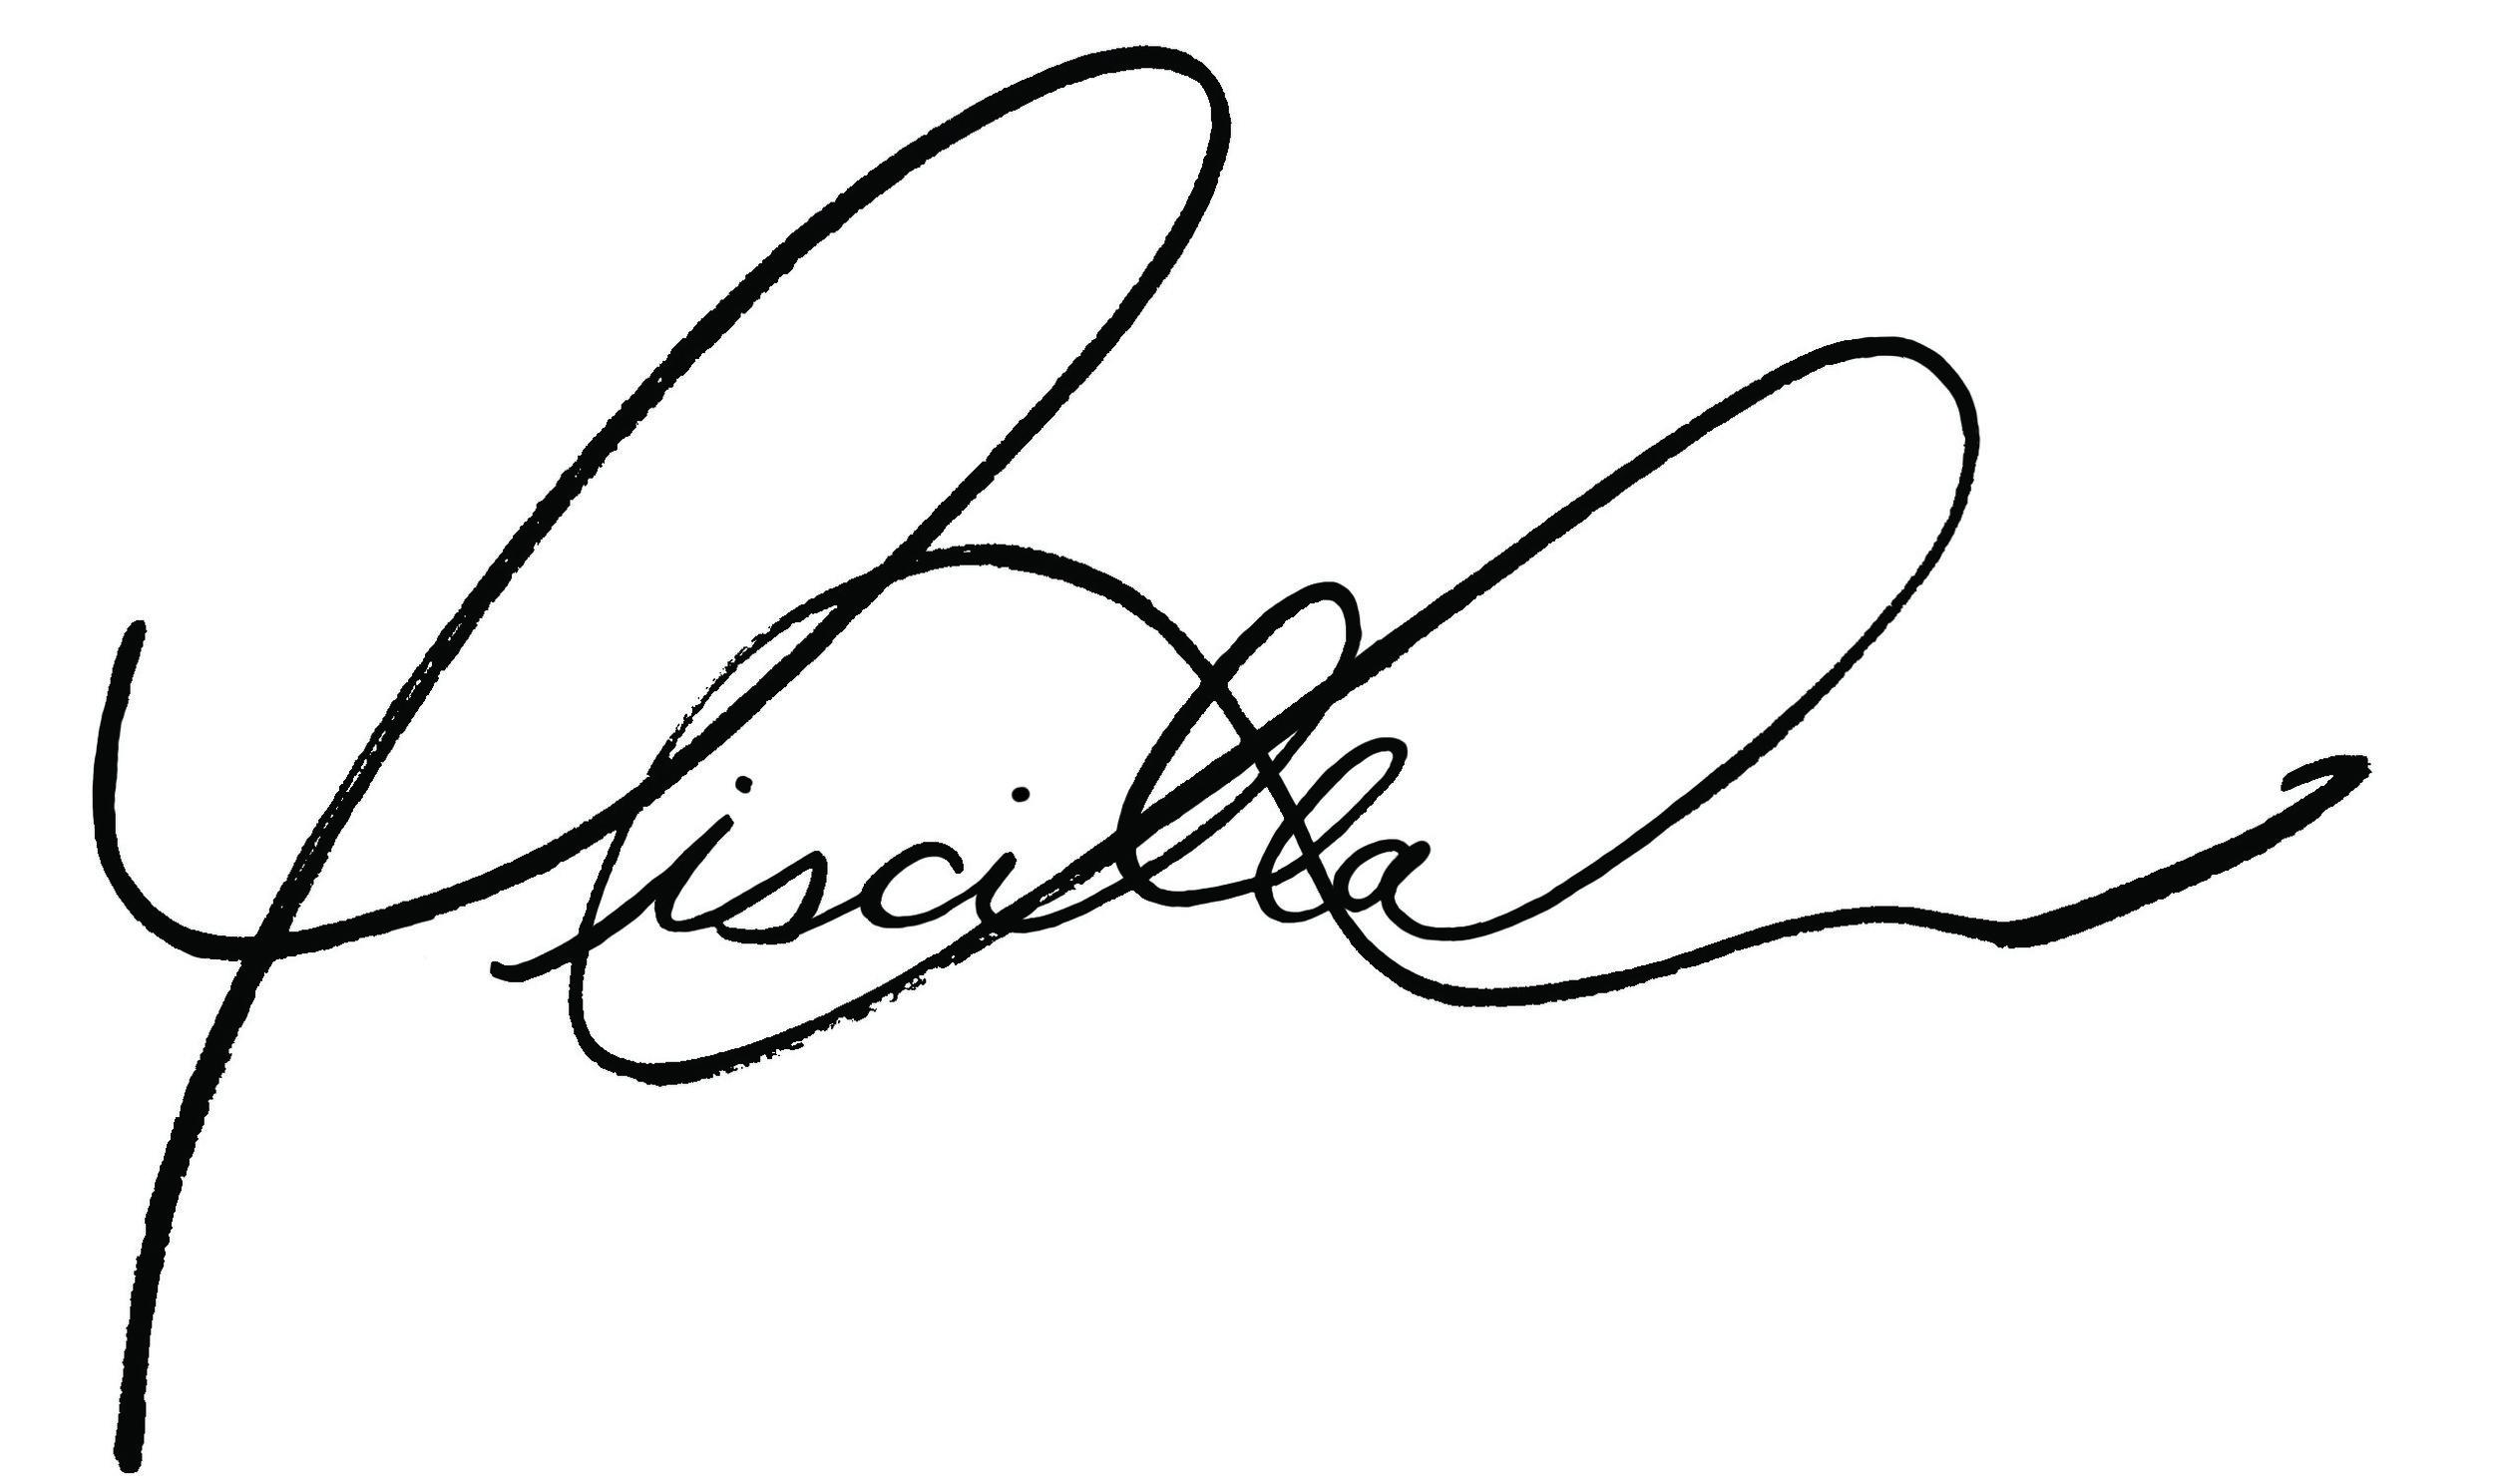 Priscilla Signature.jpg